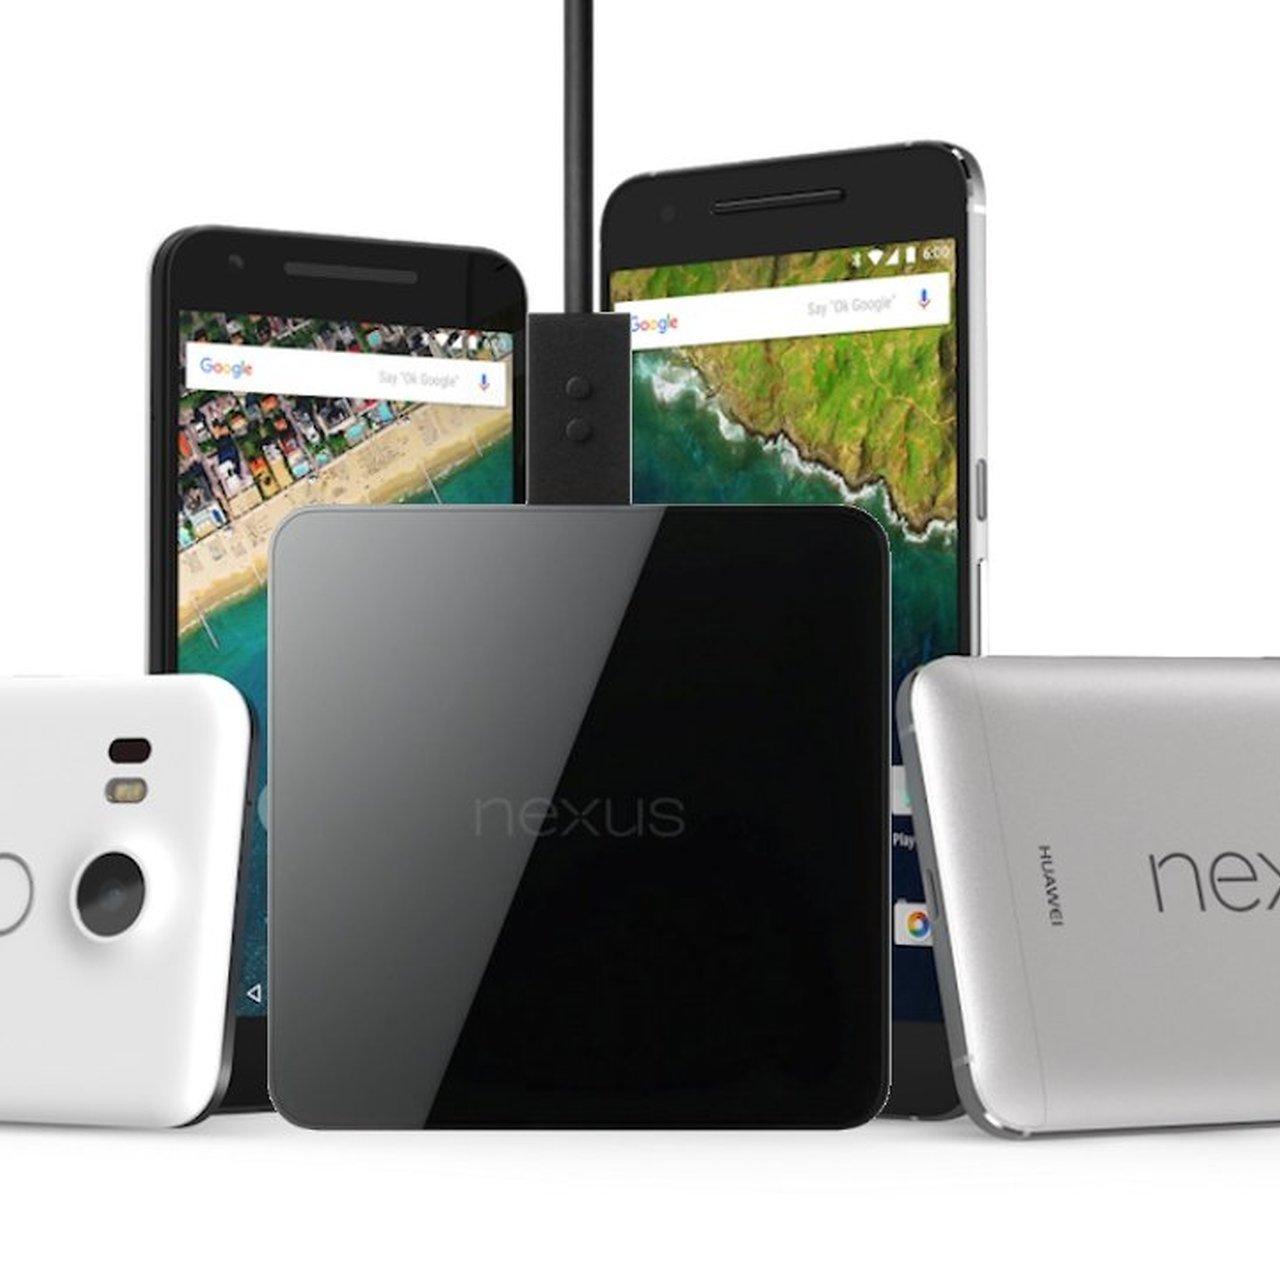 Kein Qi Charging Im Nexus Google Halt Uns Fur Zu Blod Zum Laden